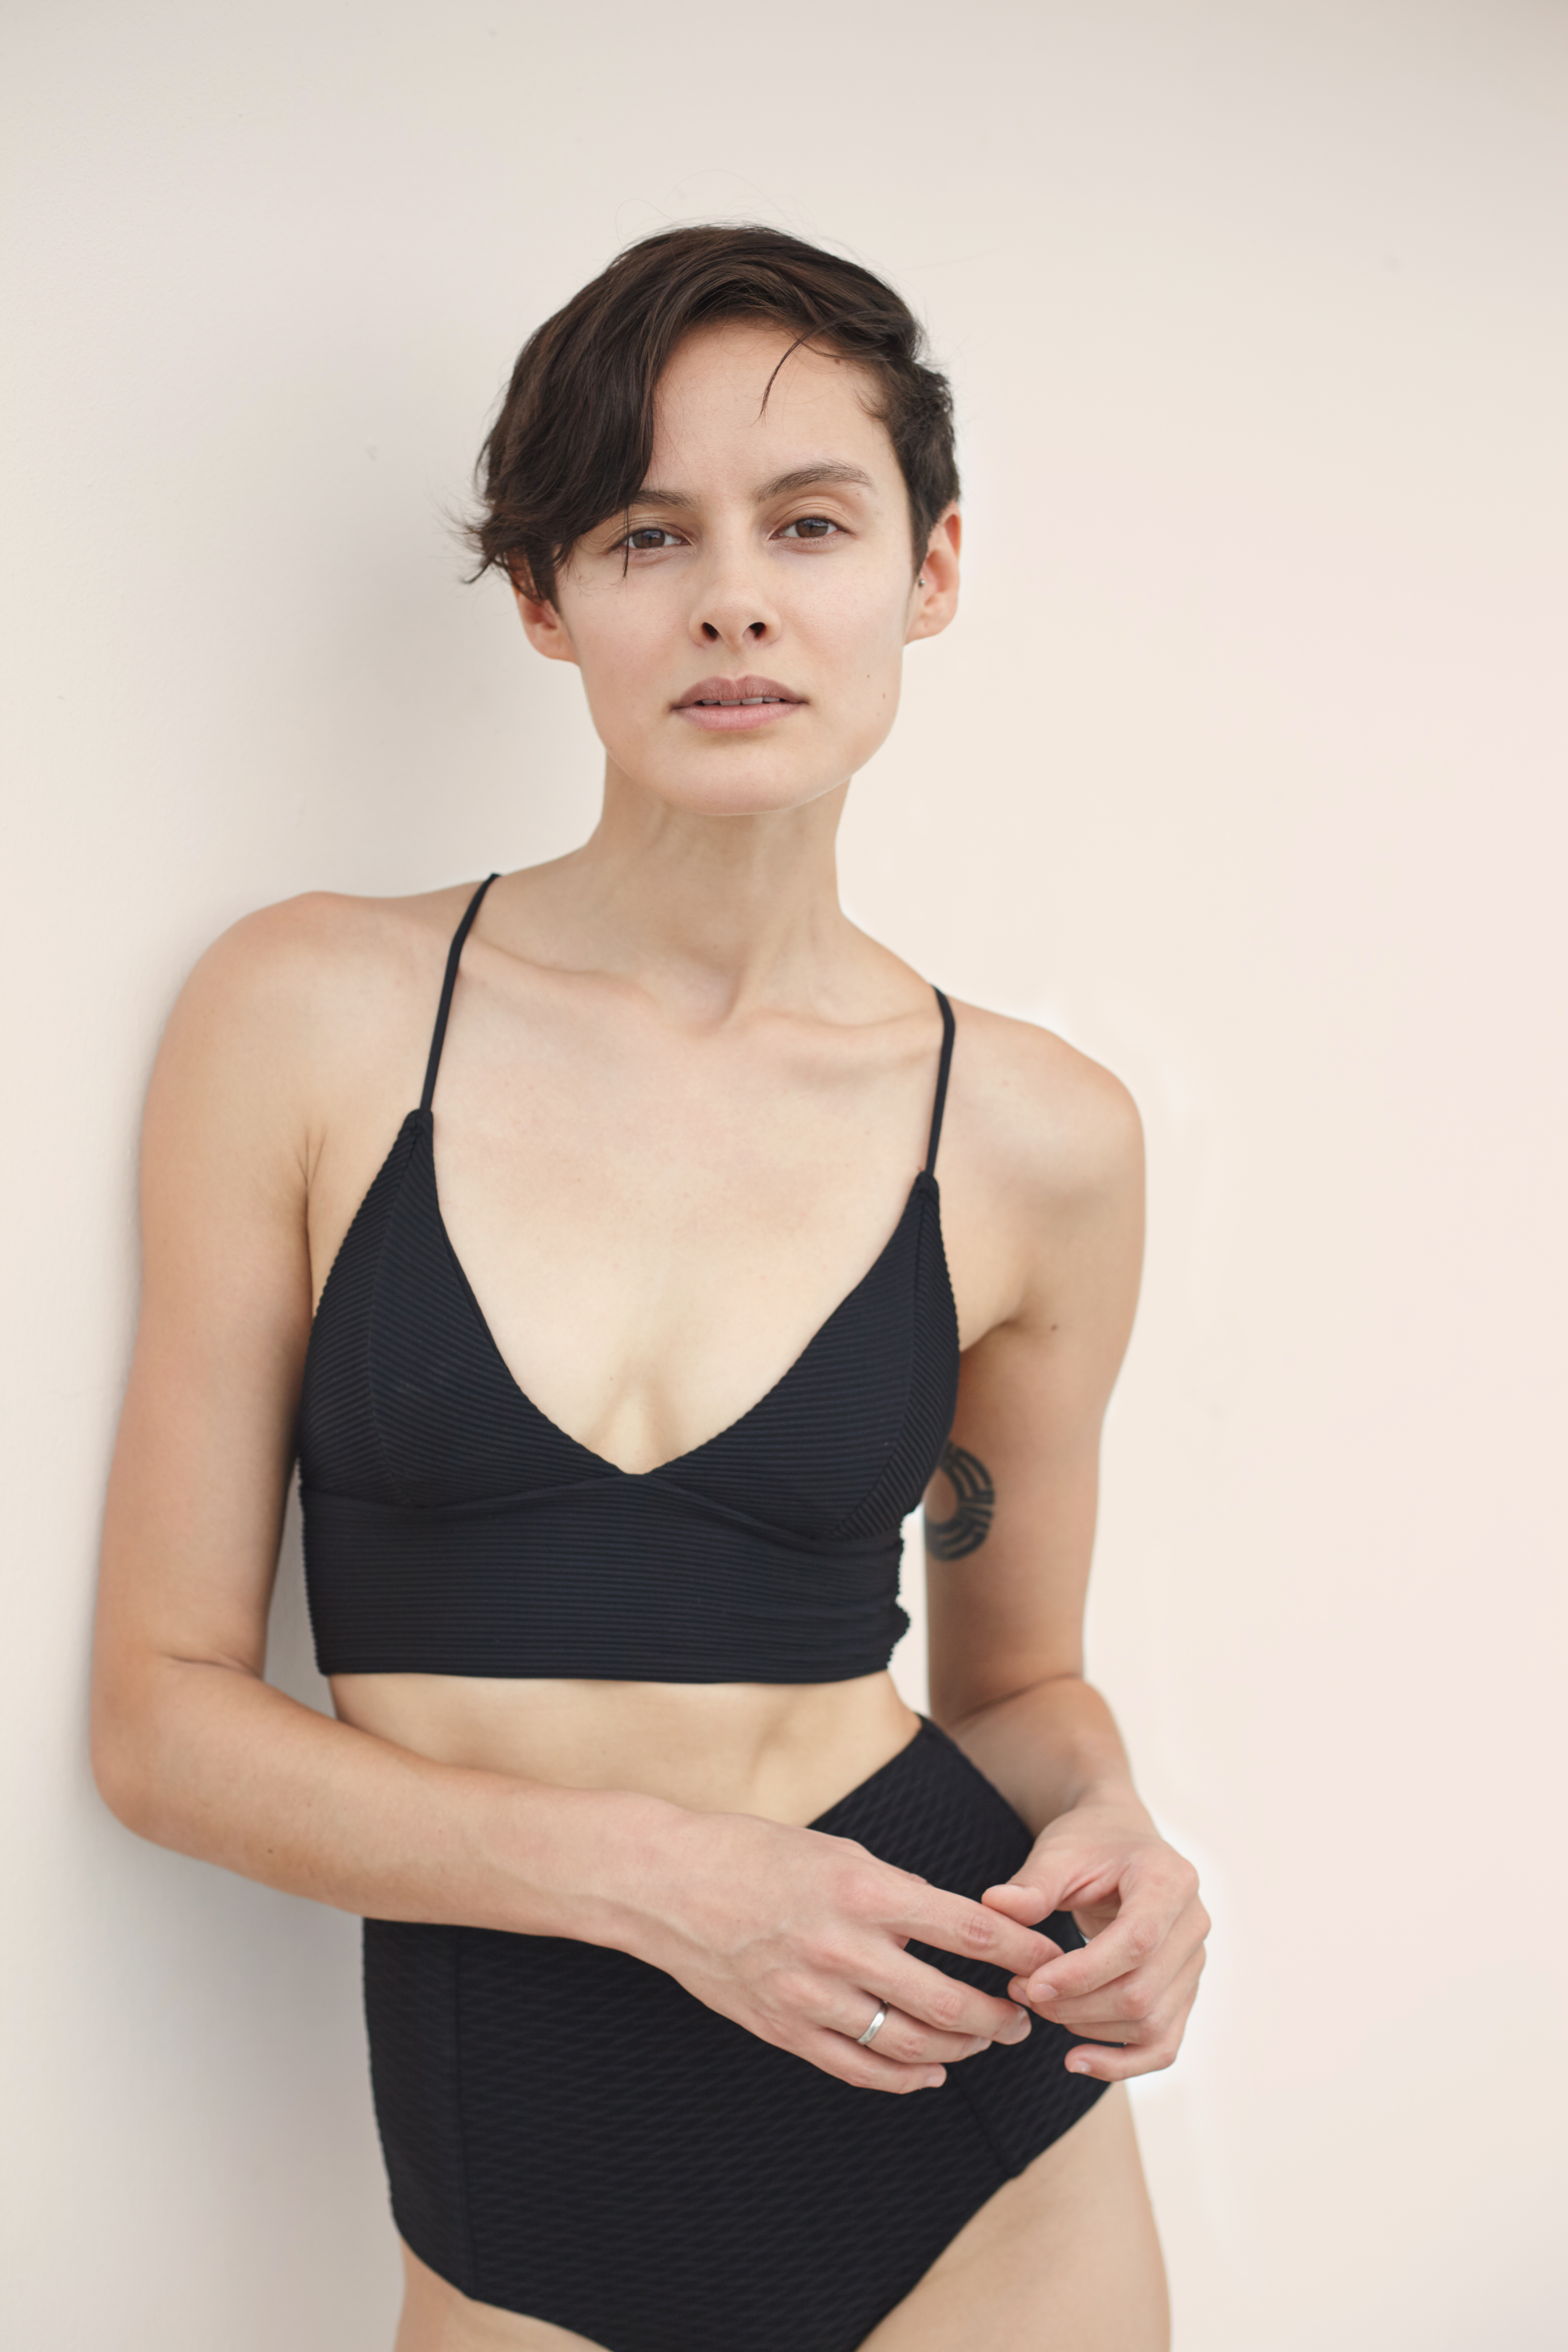 Modèle à poil court en sous-vêtements